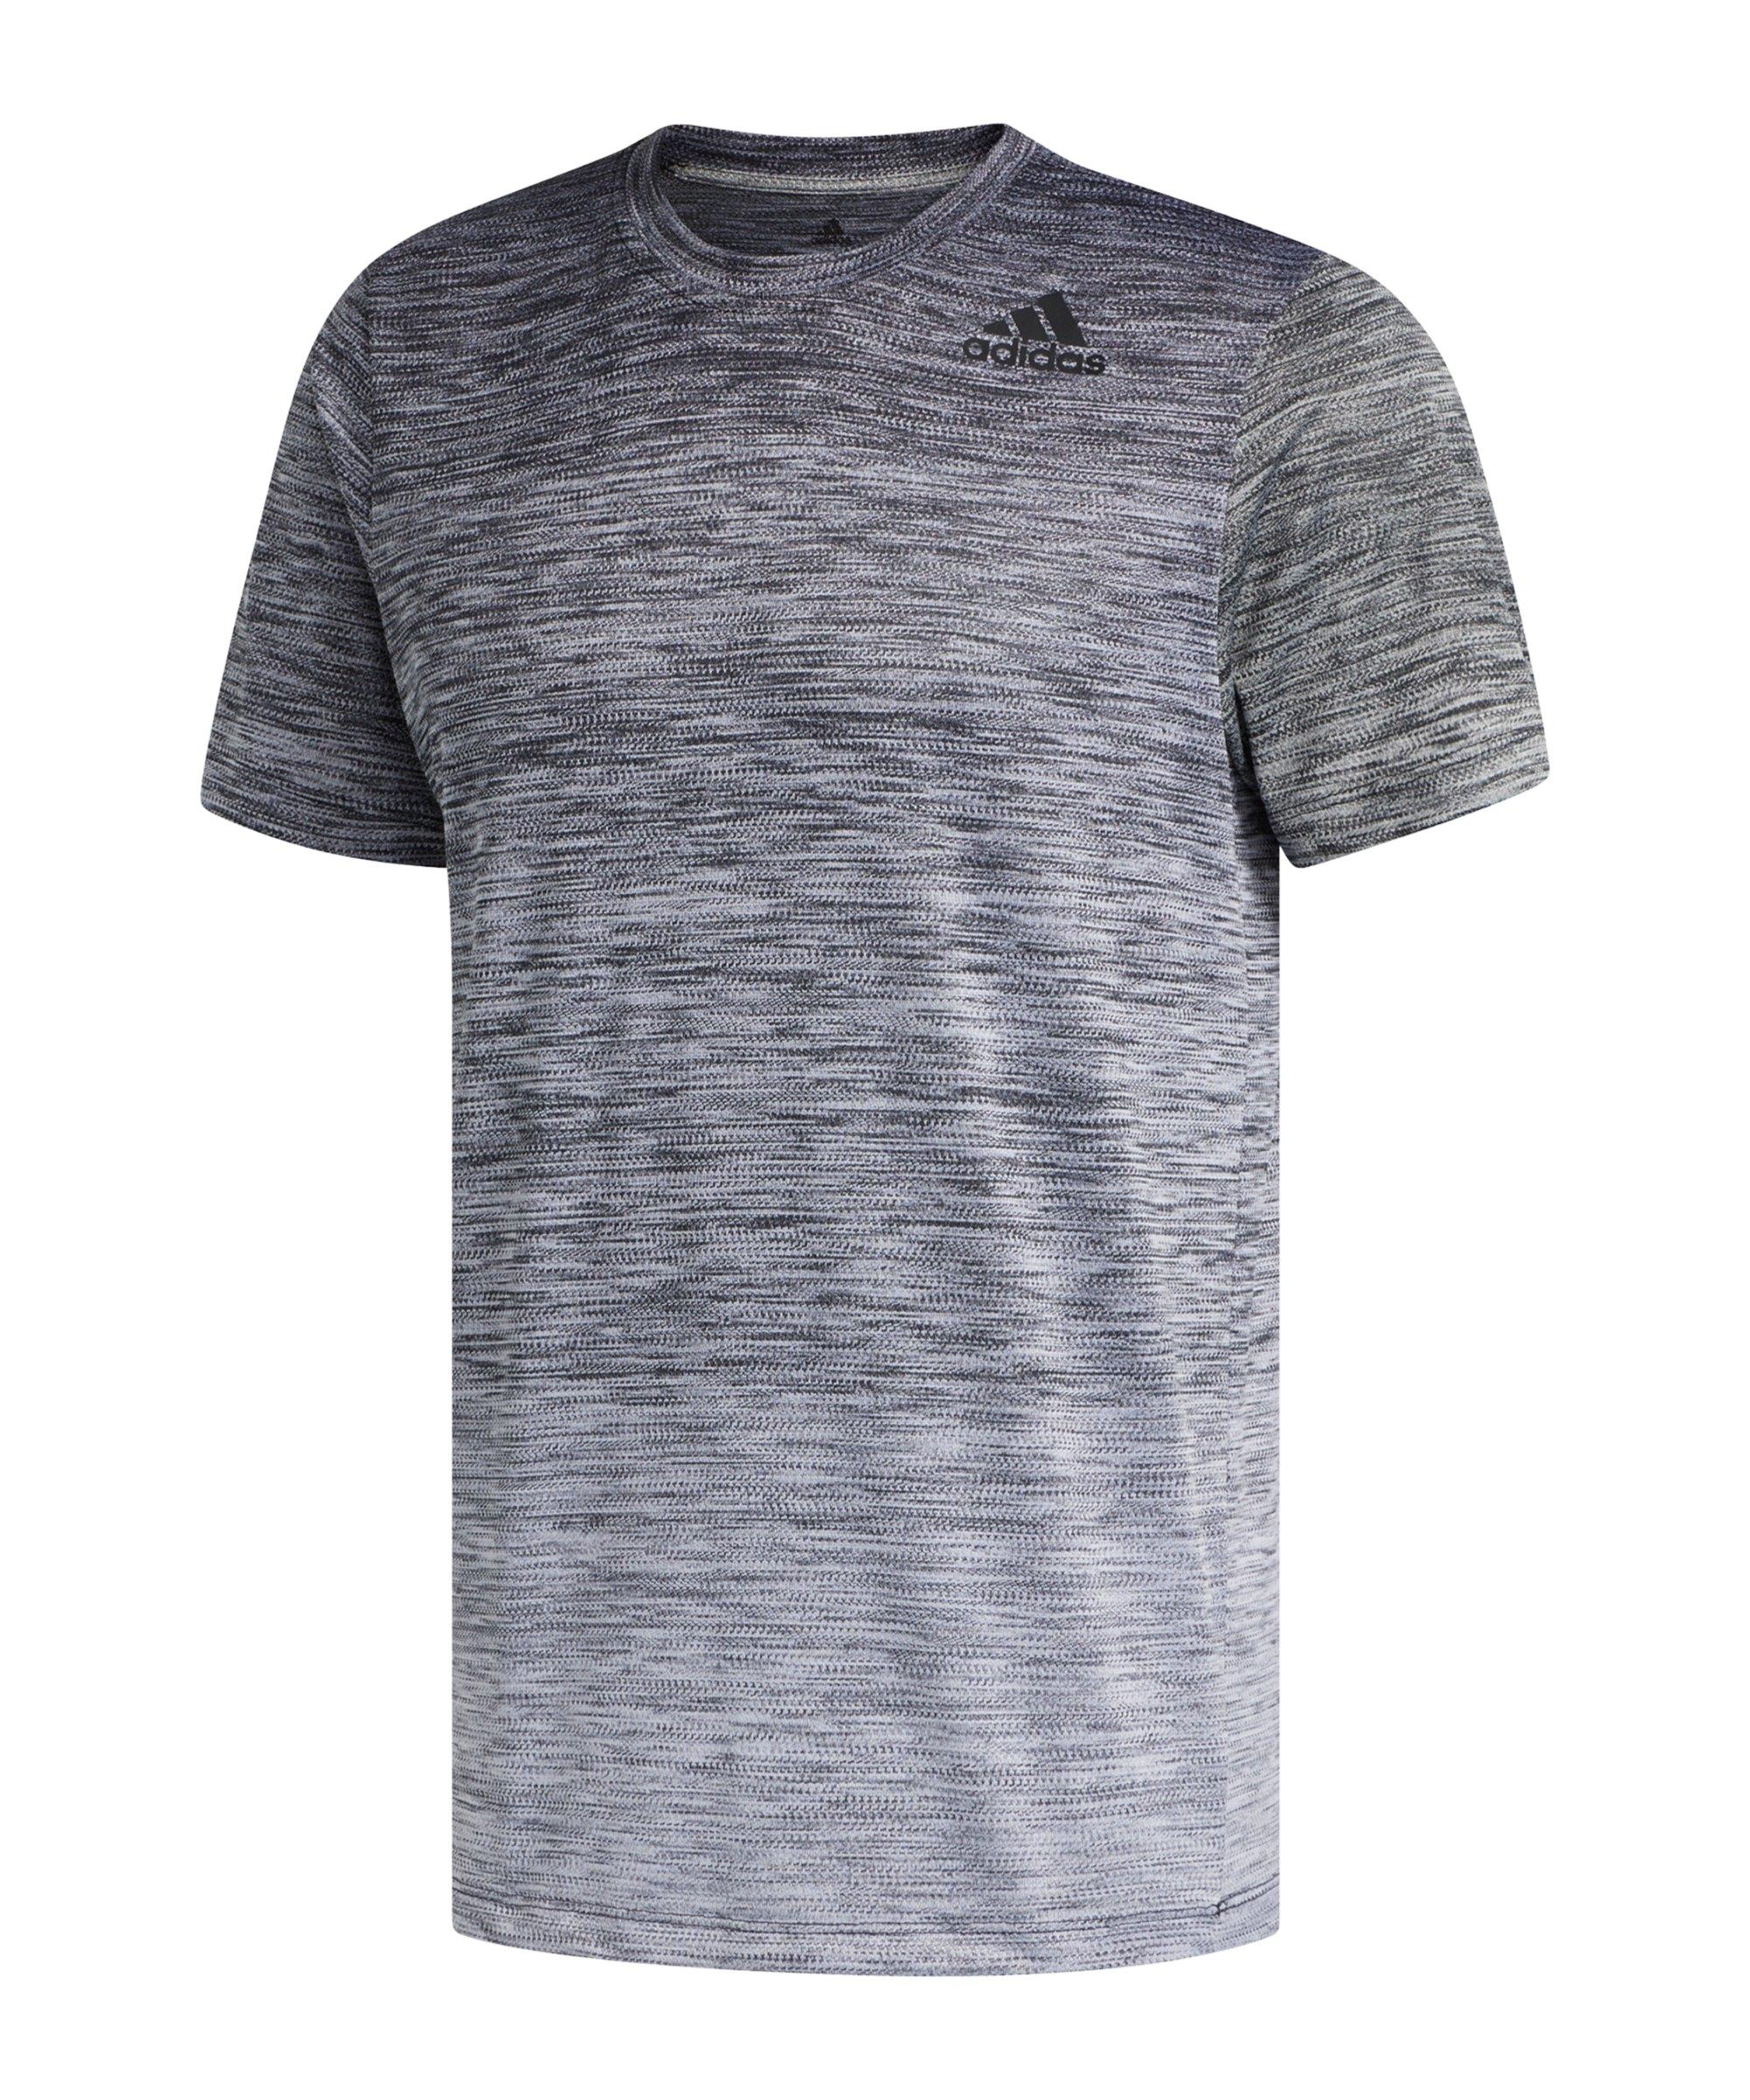 adidas Tech Gradient T-Shirt Grau - grau